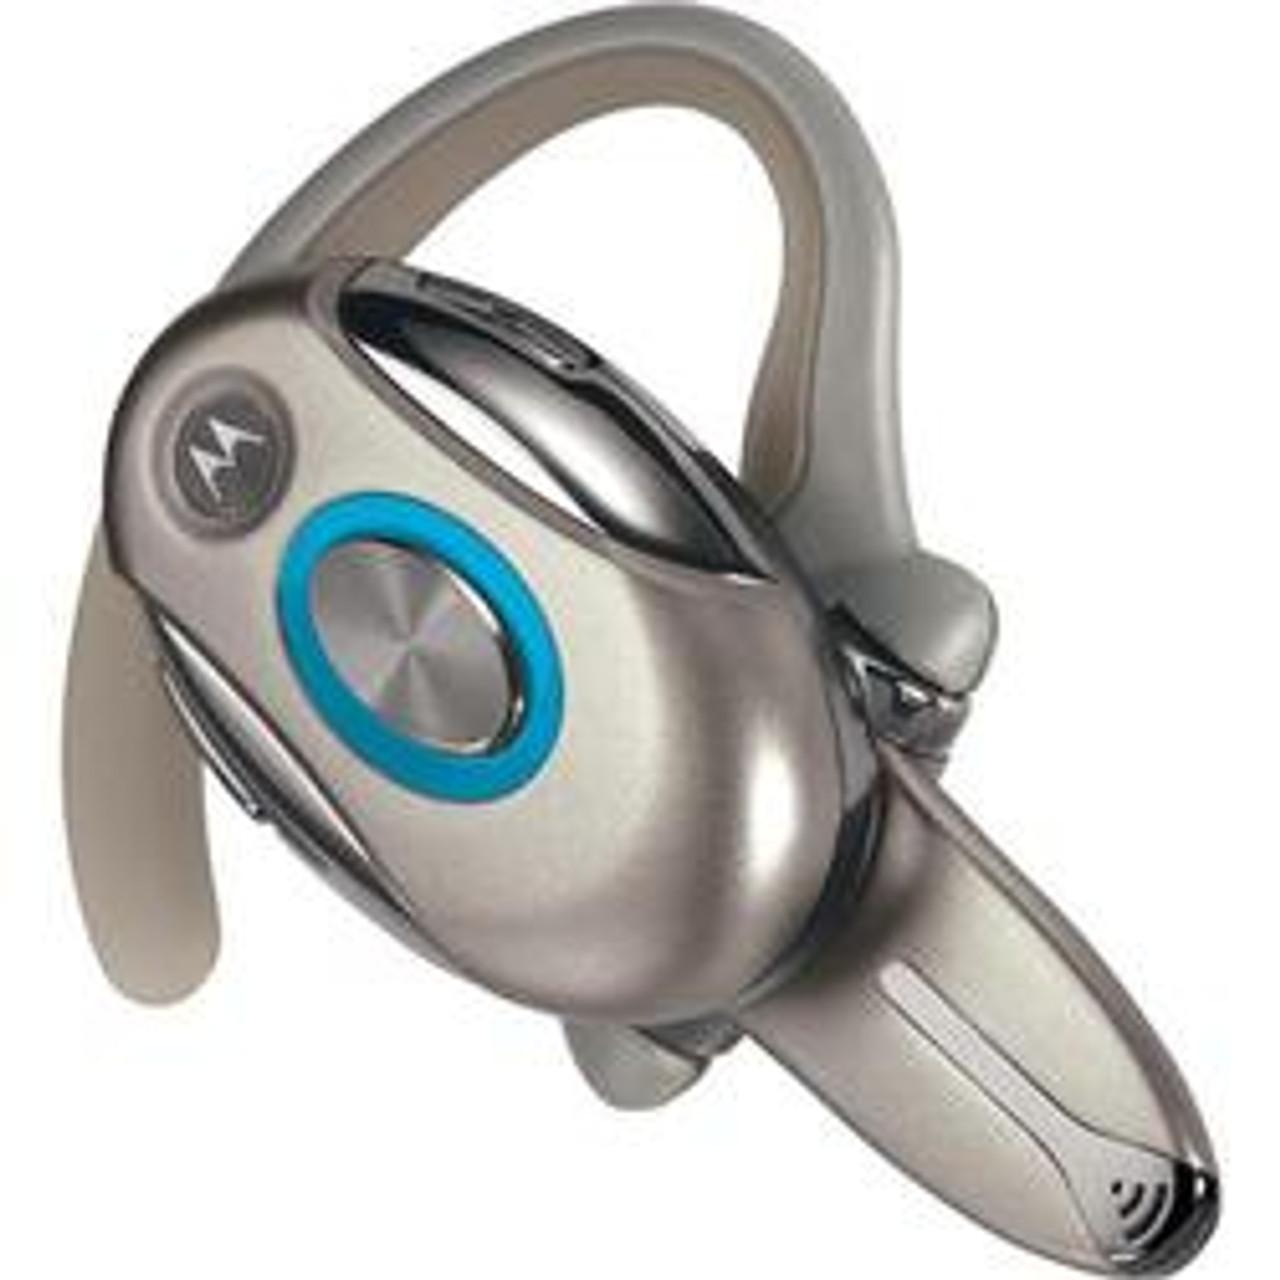 motorola h721 shop motorola h721 bluetooth headset rh esurebuy com Motorola H500 Bluetooth Instruction Manual Motorola Bluetooth Instruction Manual